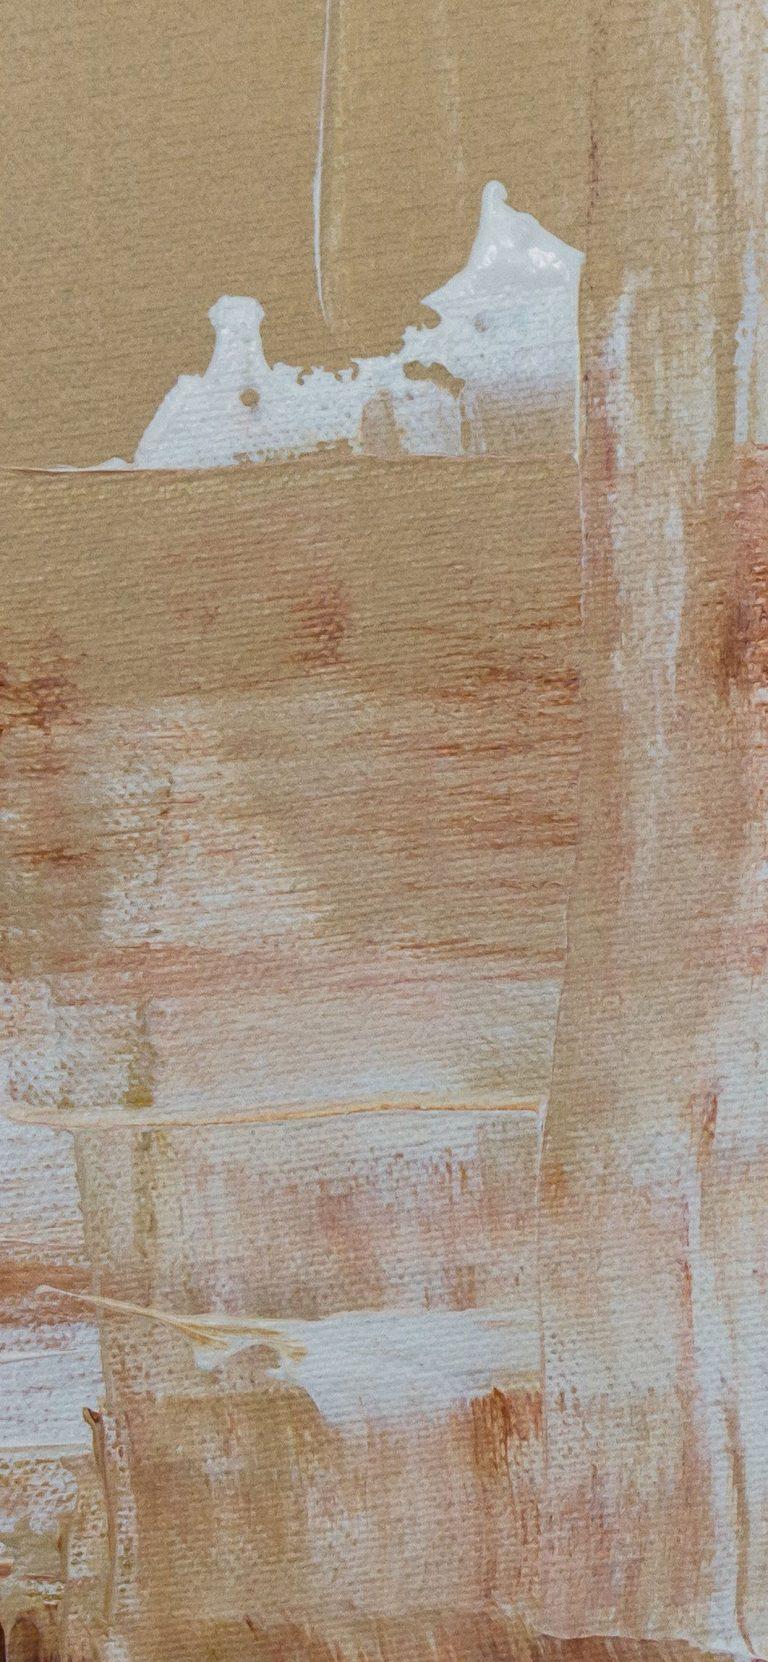 1242x2688 Wallpaper 064 768x1662